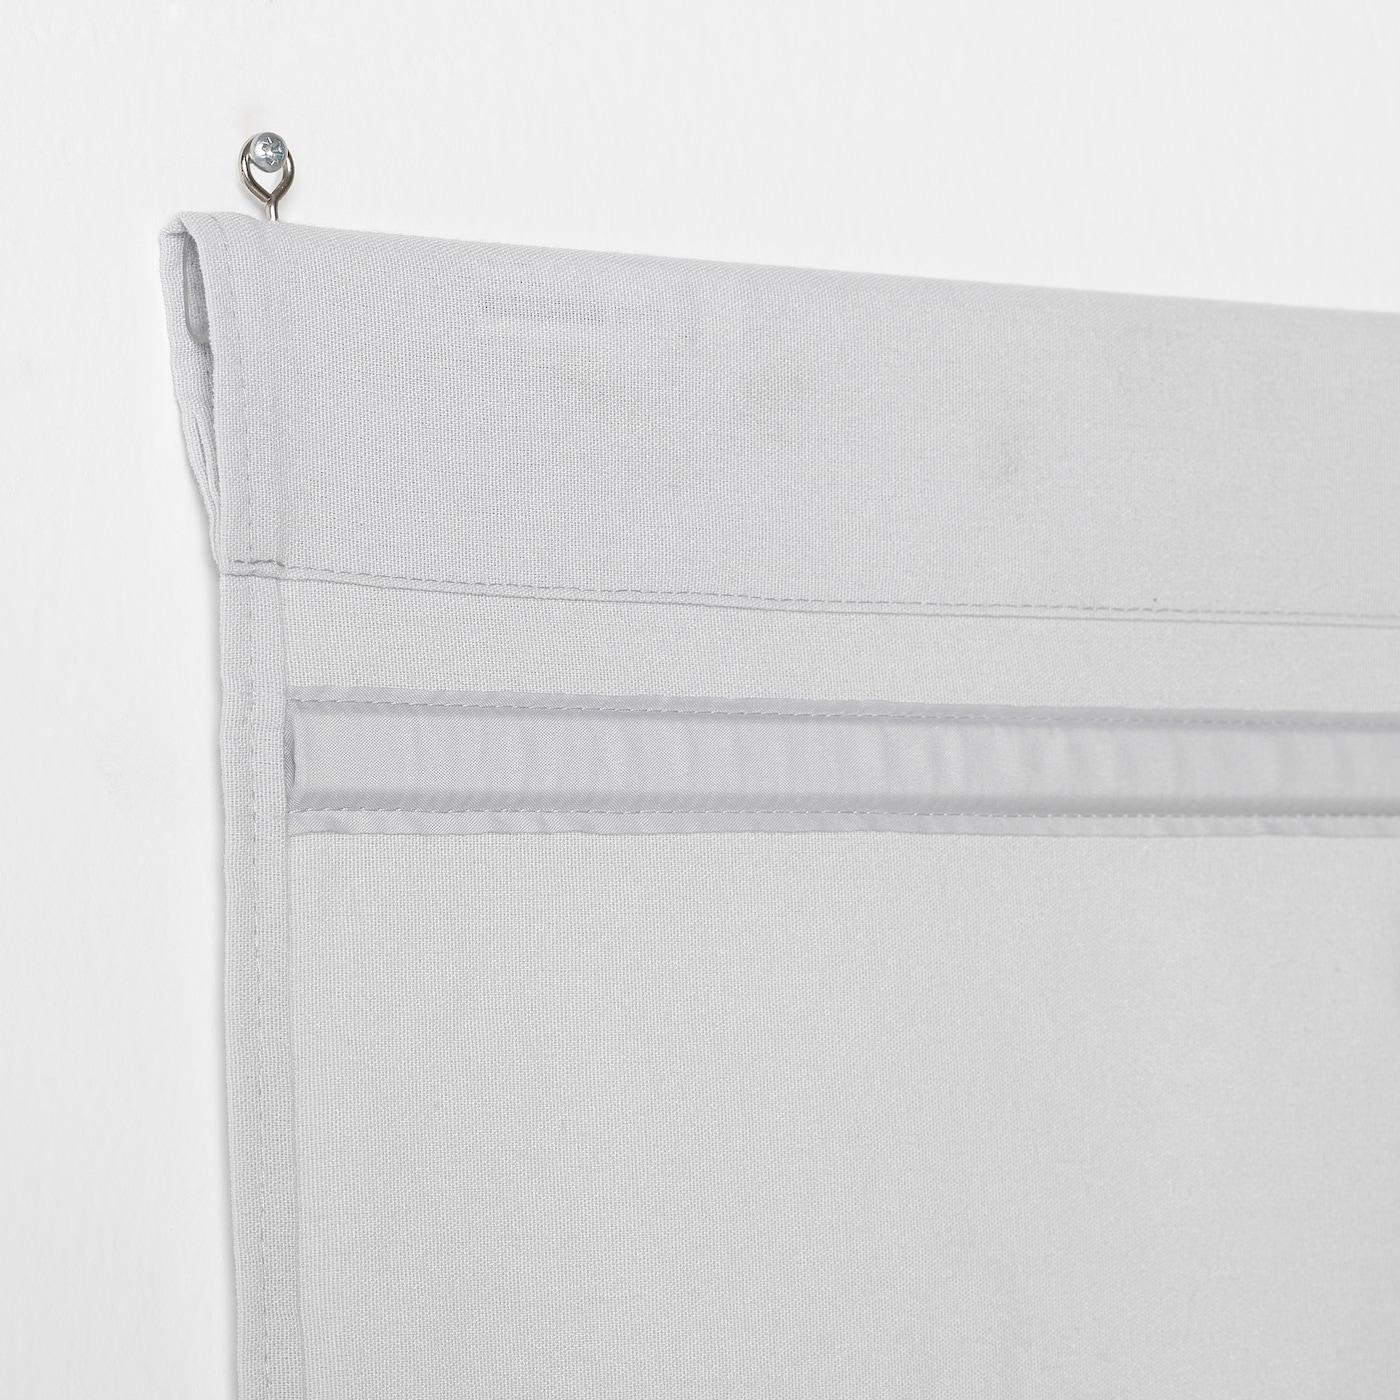 Store Bateau Blanc Ikea ringblomma store bateau - gris 80x160 cm